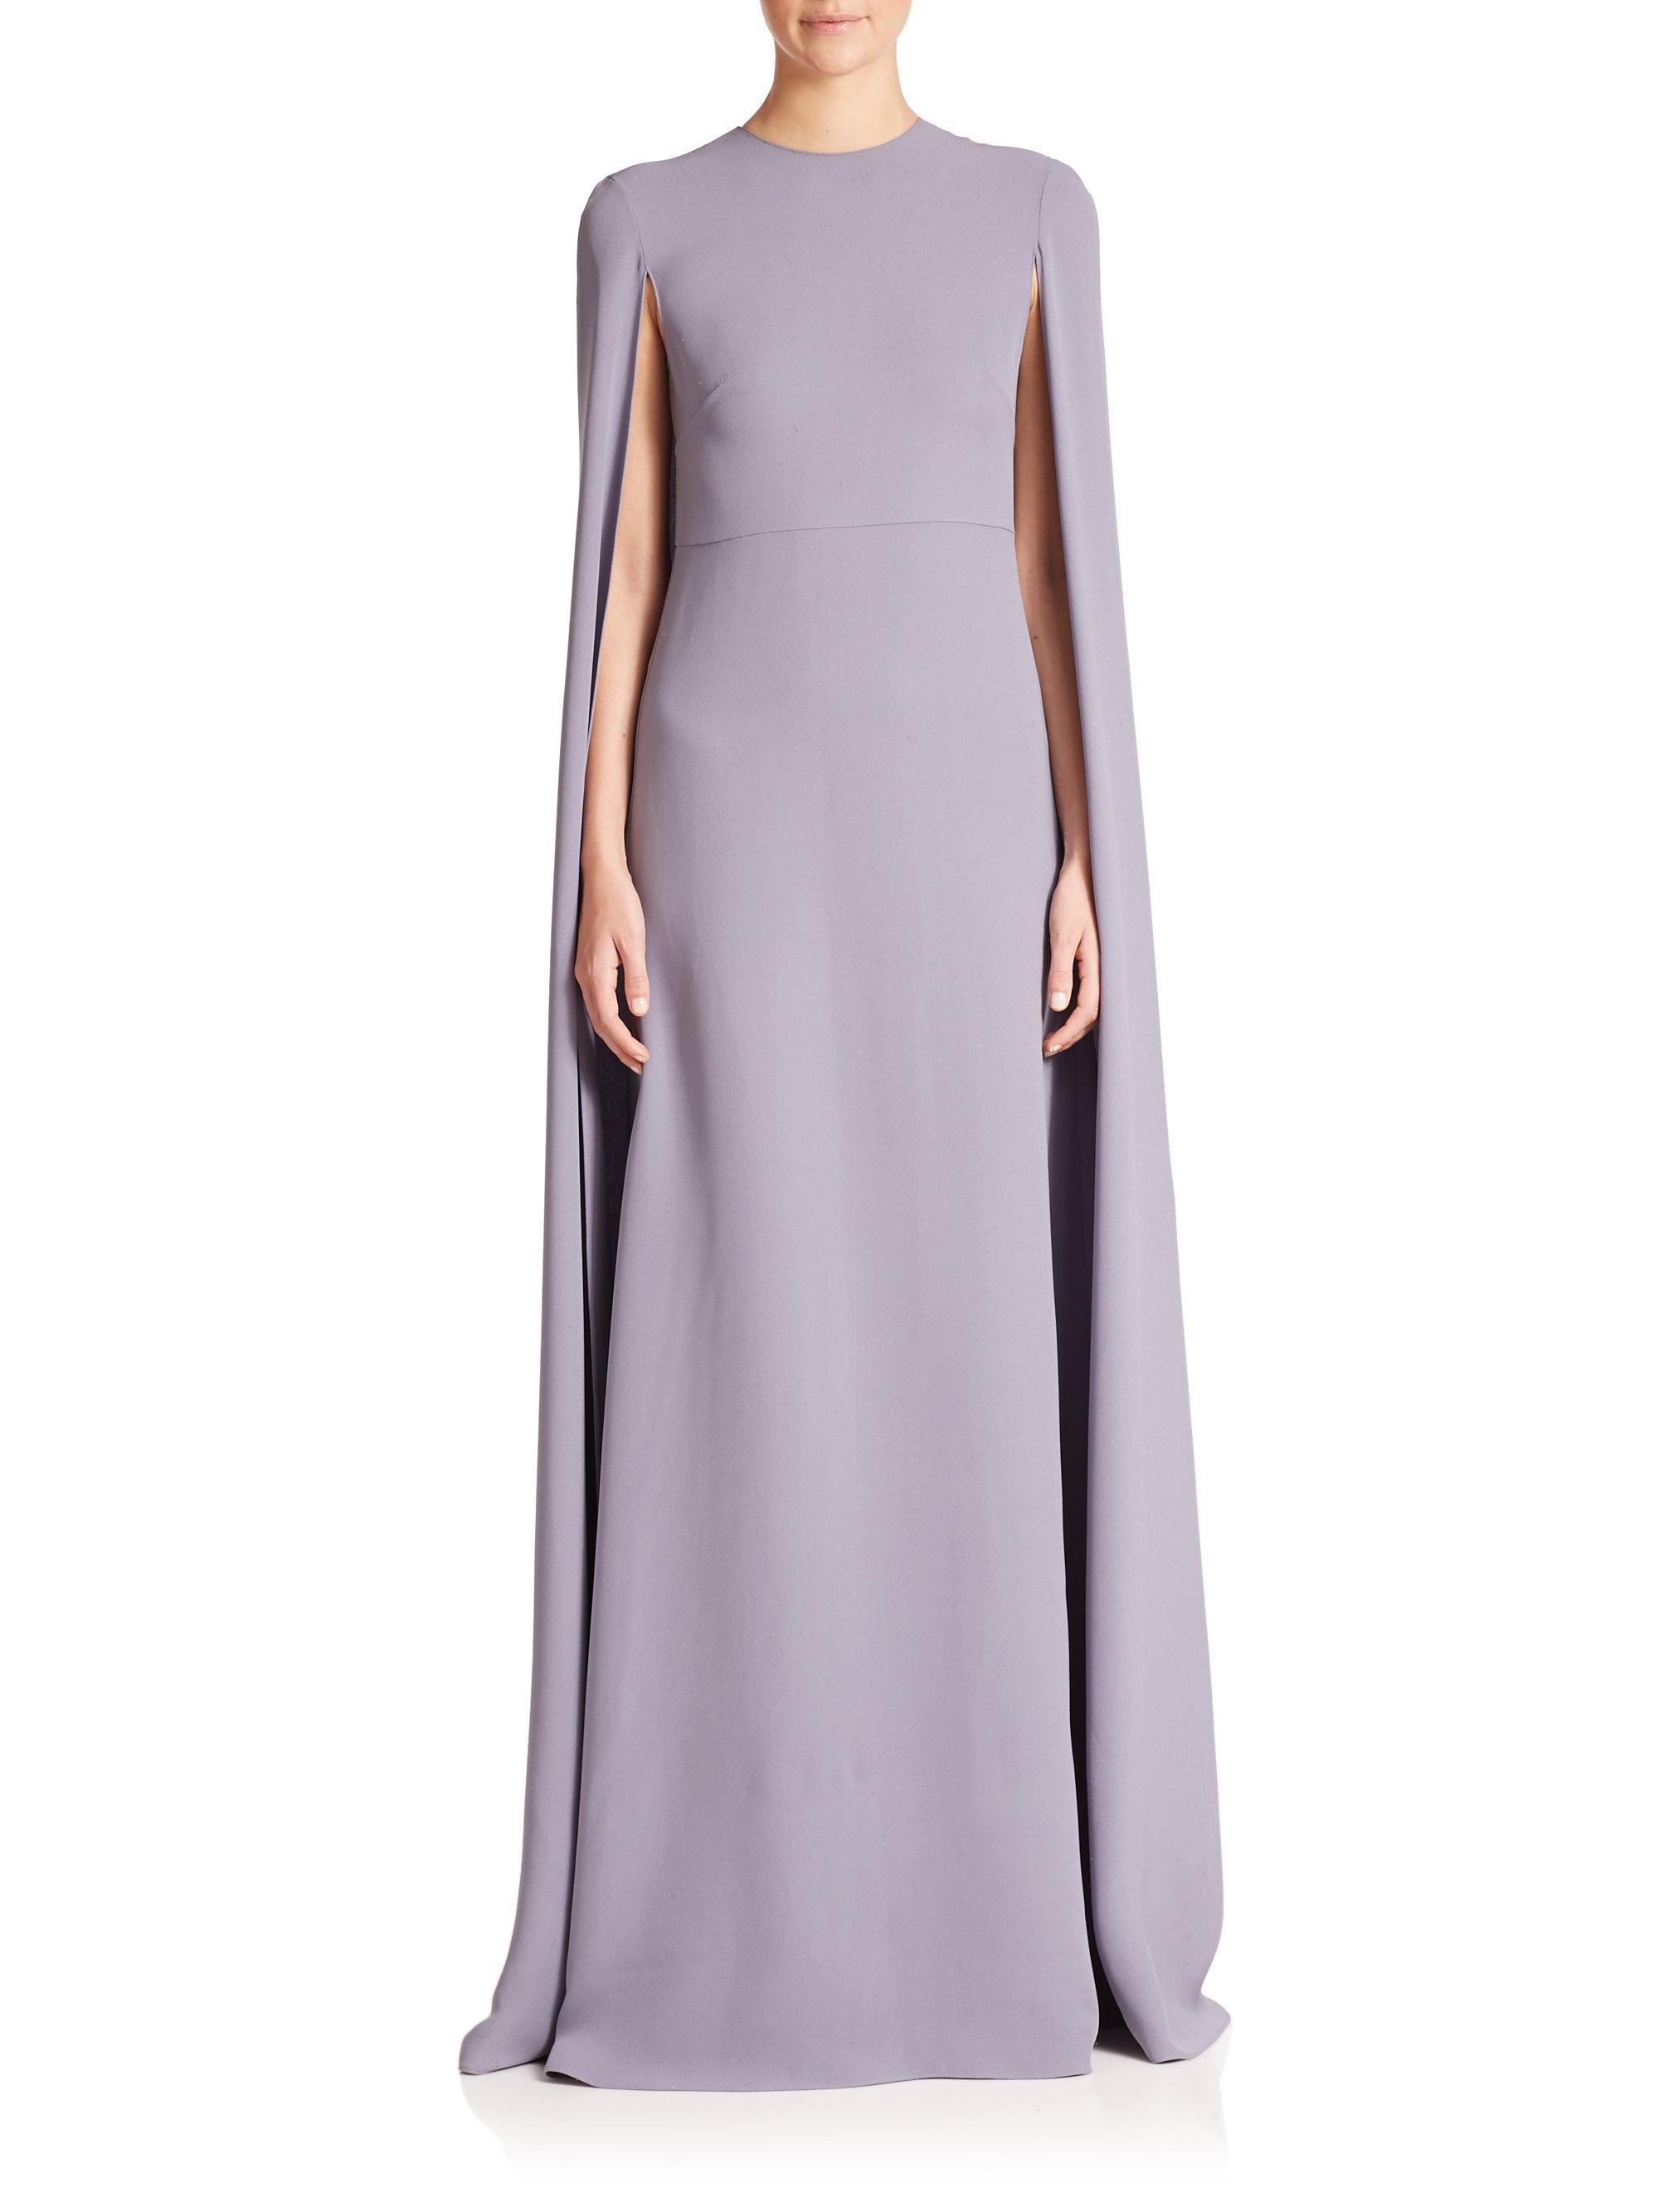 752b3e9ebf Valentino Silk Cape Gown in Blue - Lyst